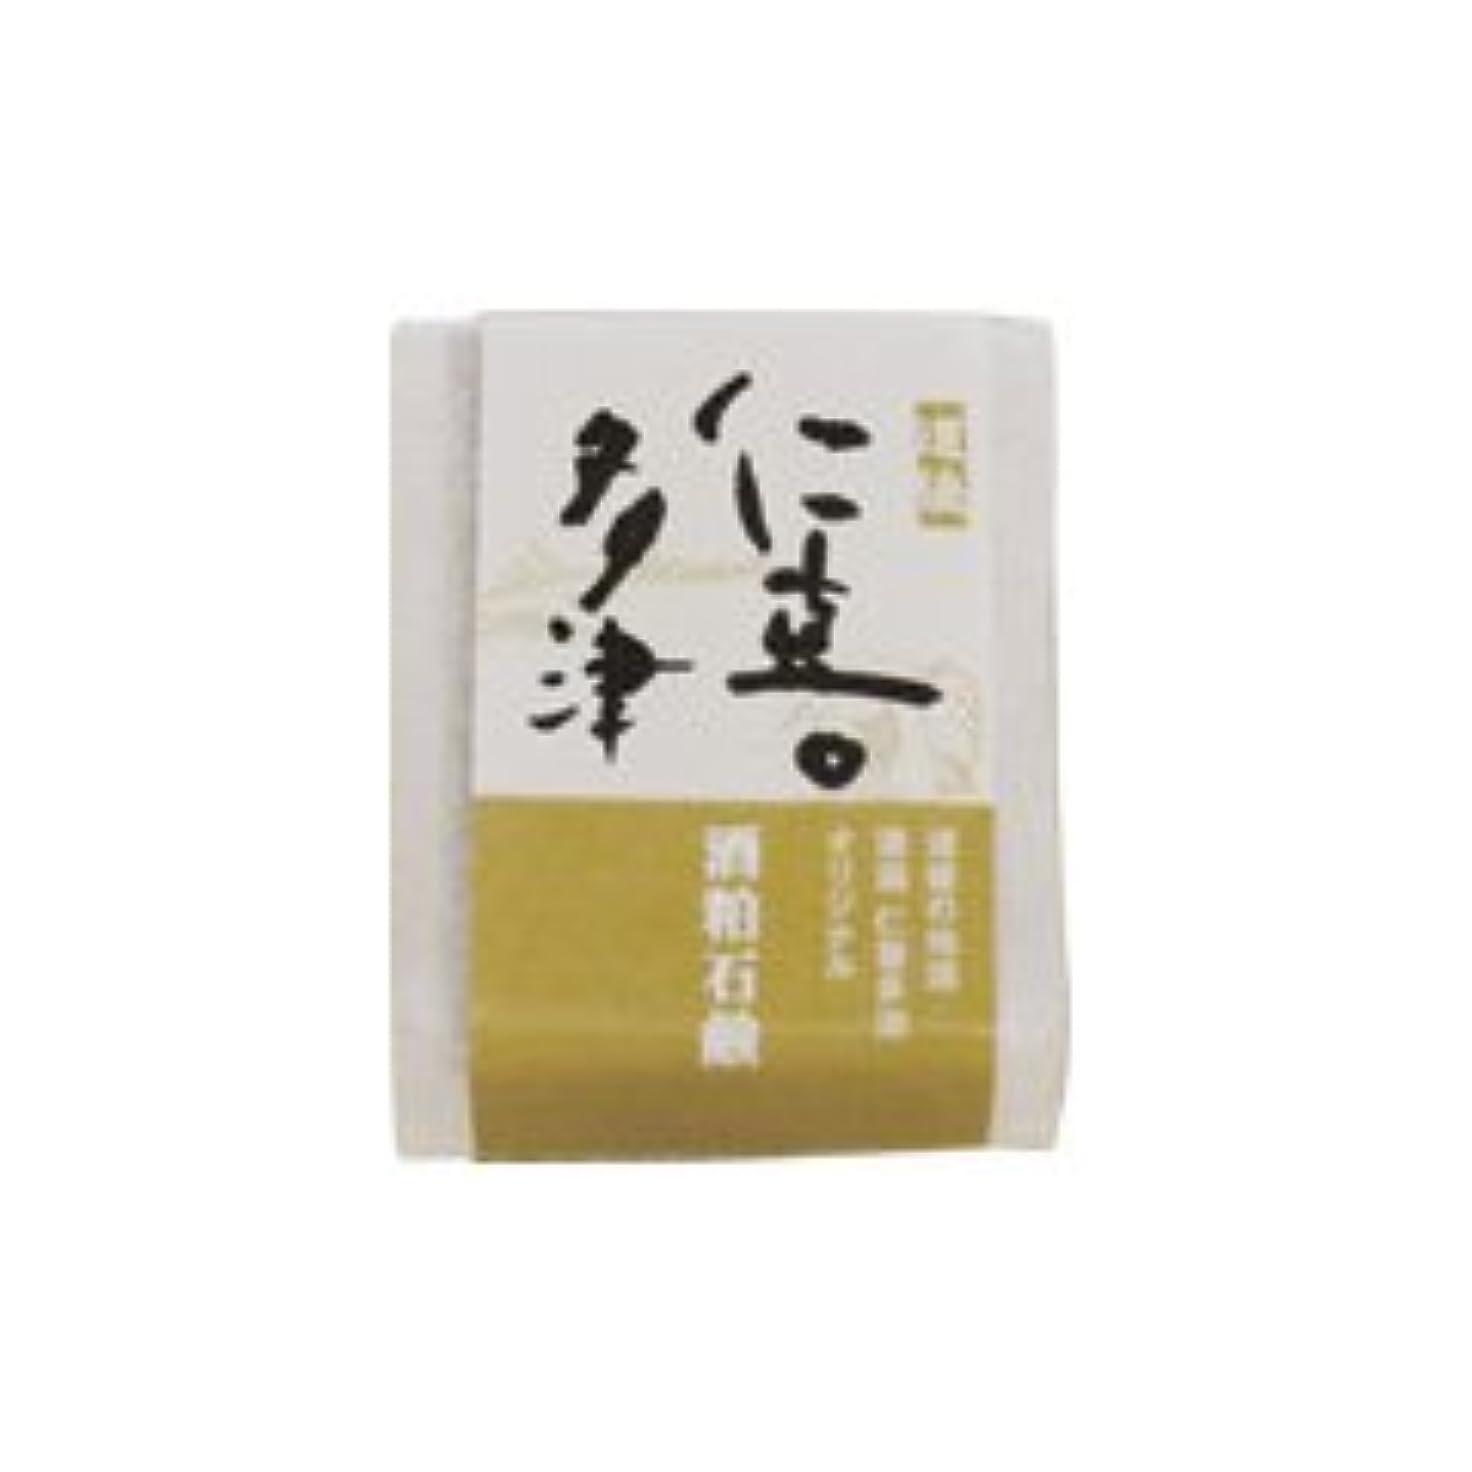 アセ同僚ボア仁喜多津 オリジナル 酒粕石鹸 60g